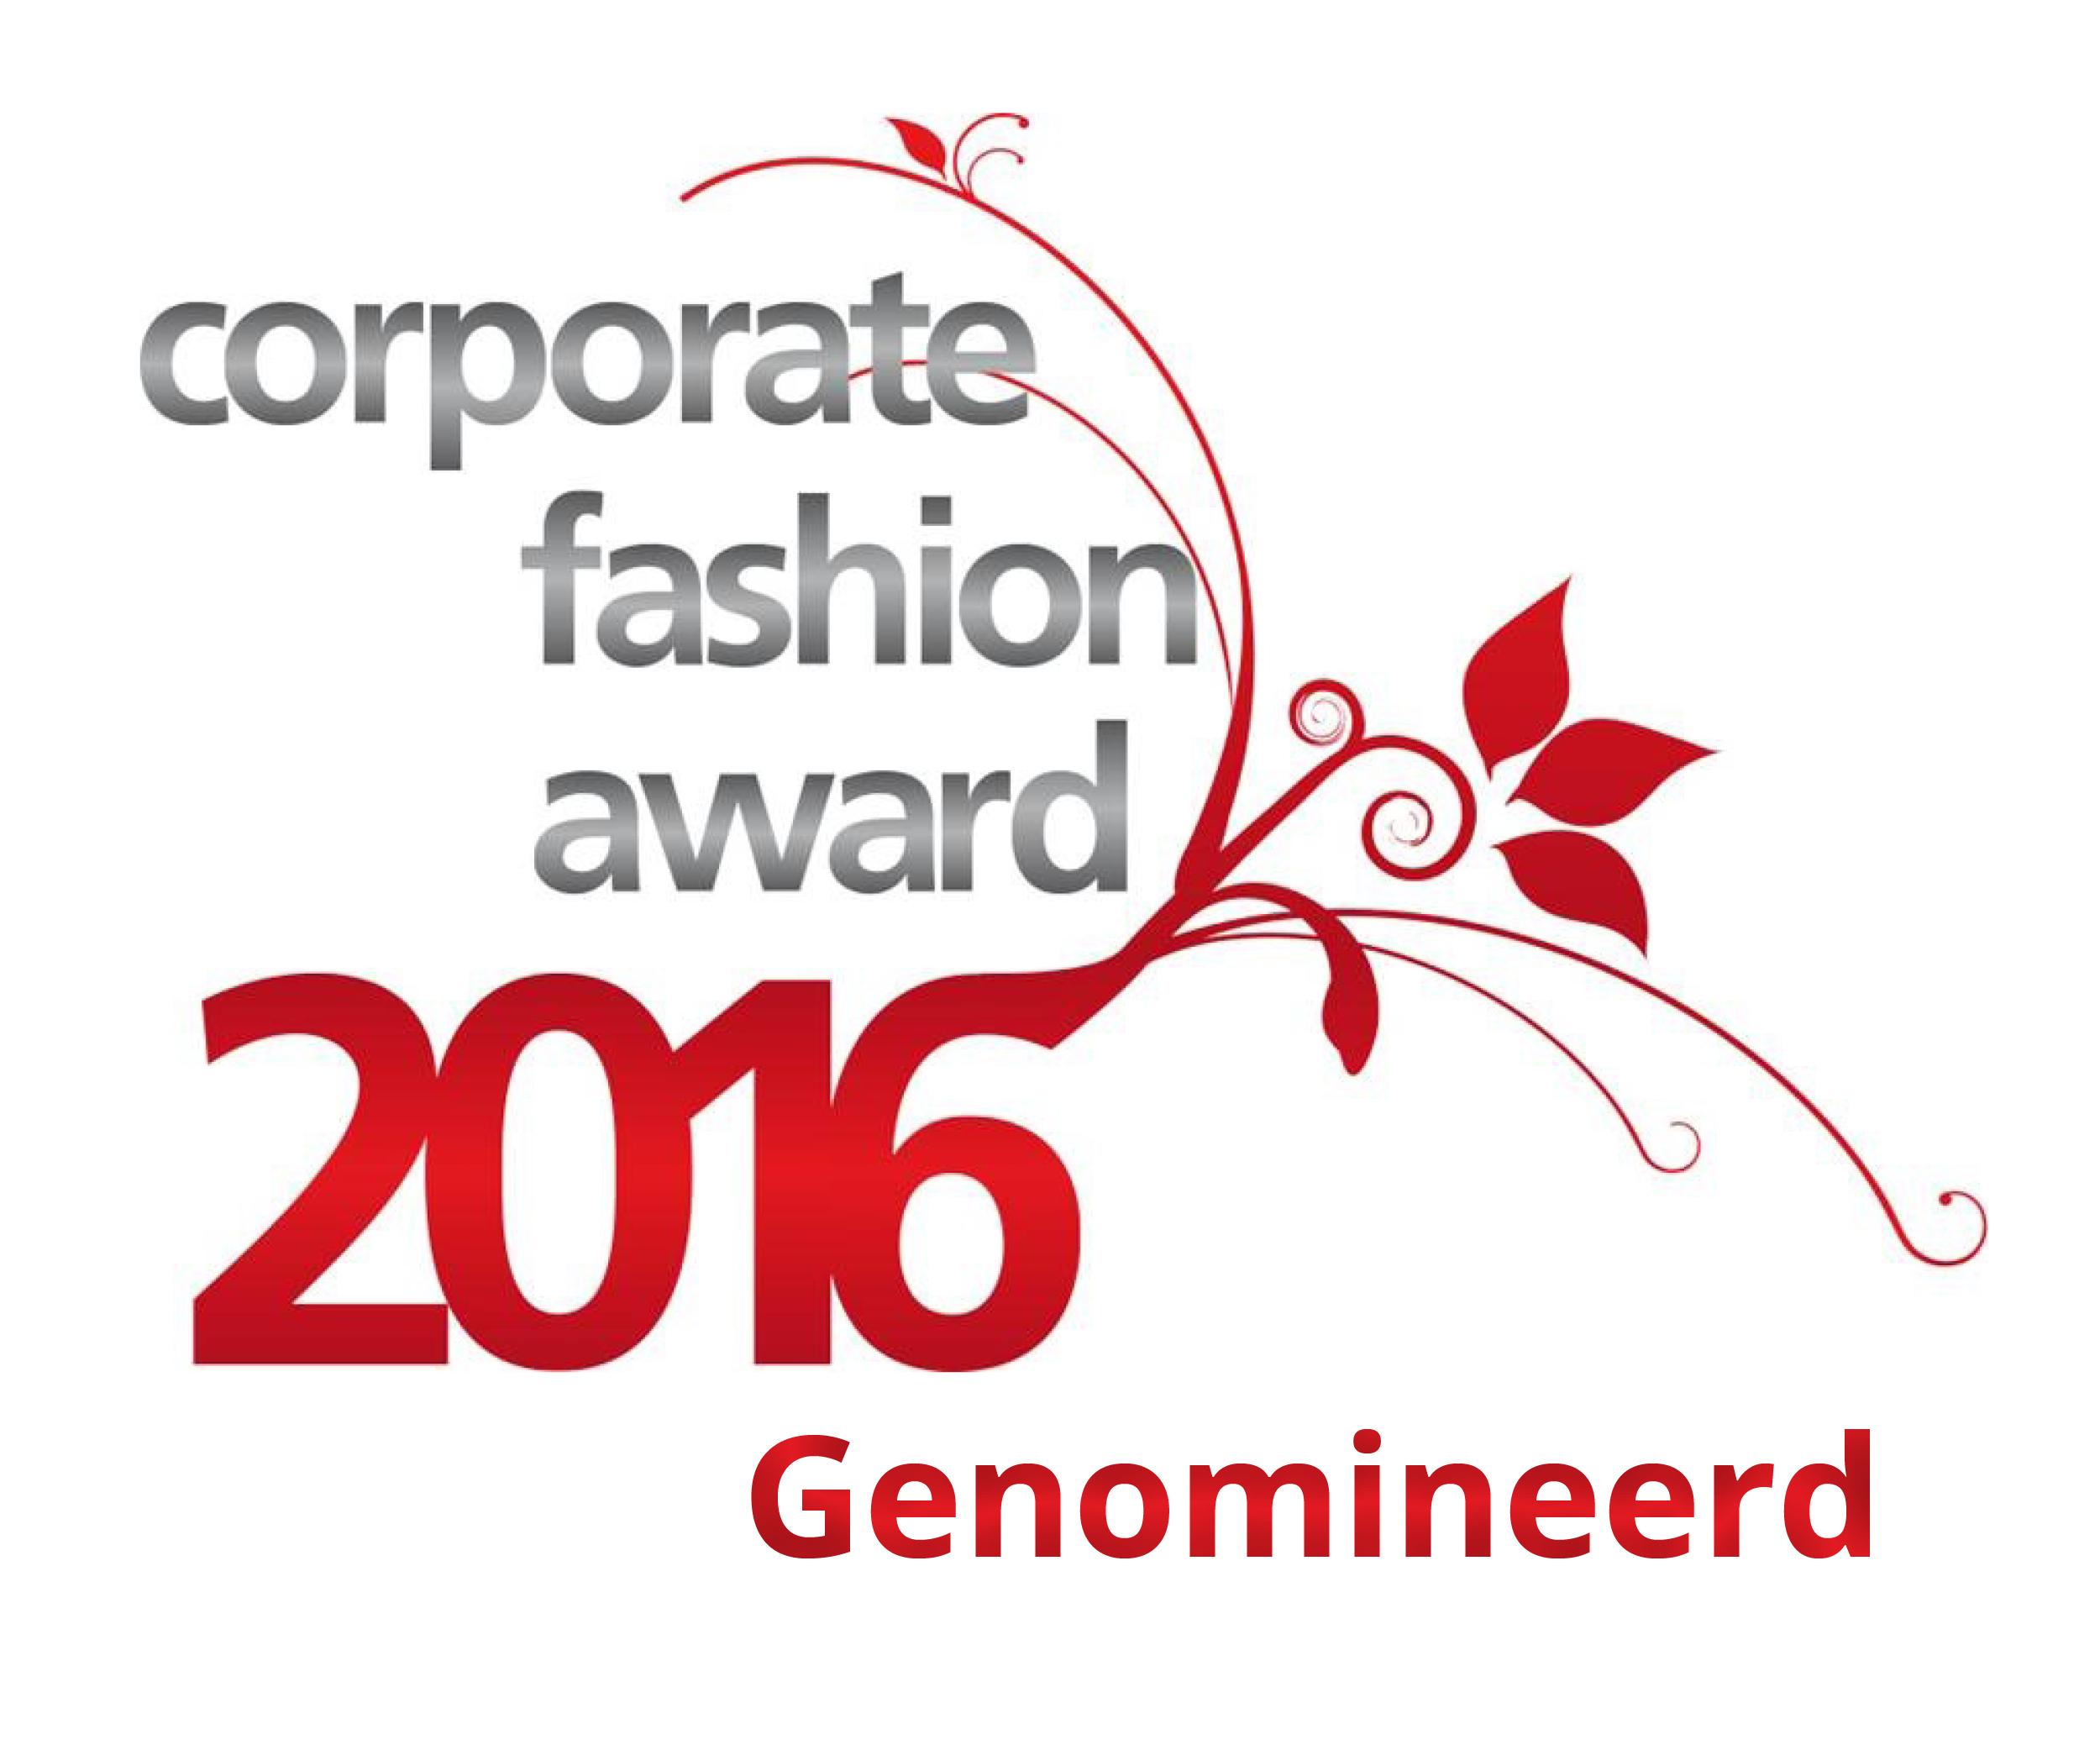 Corporate Fashion Award 2016